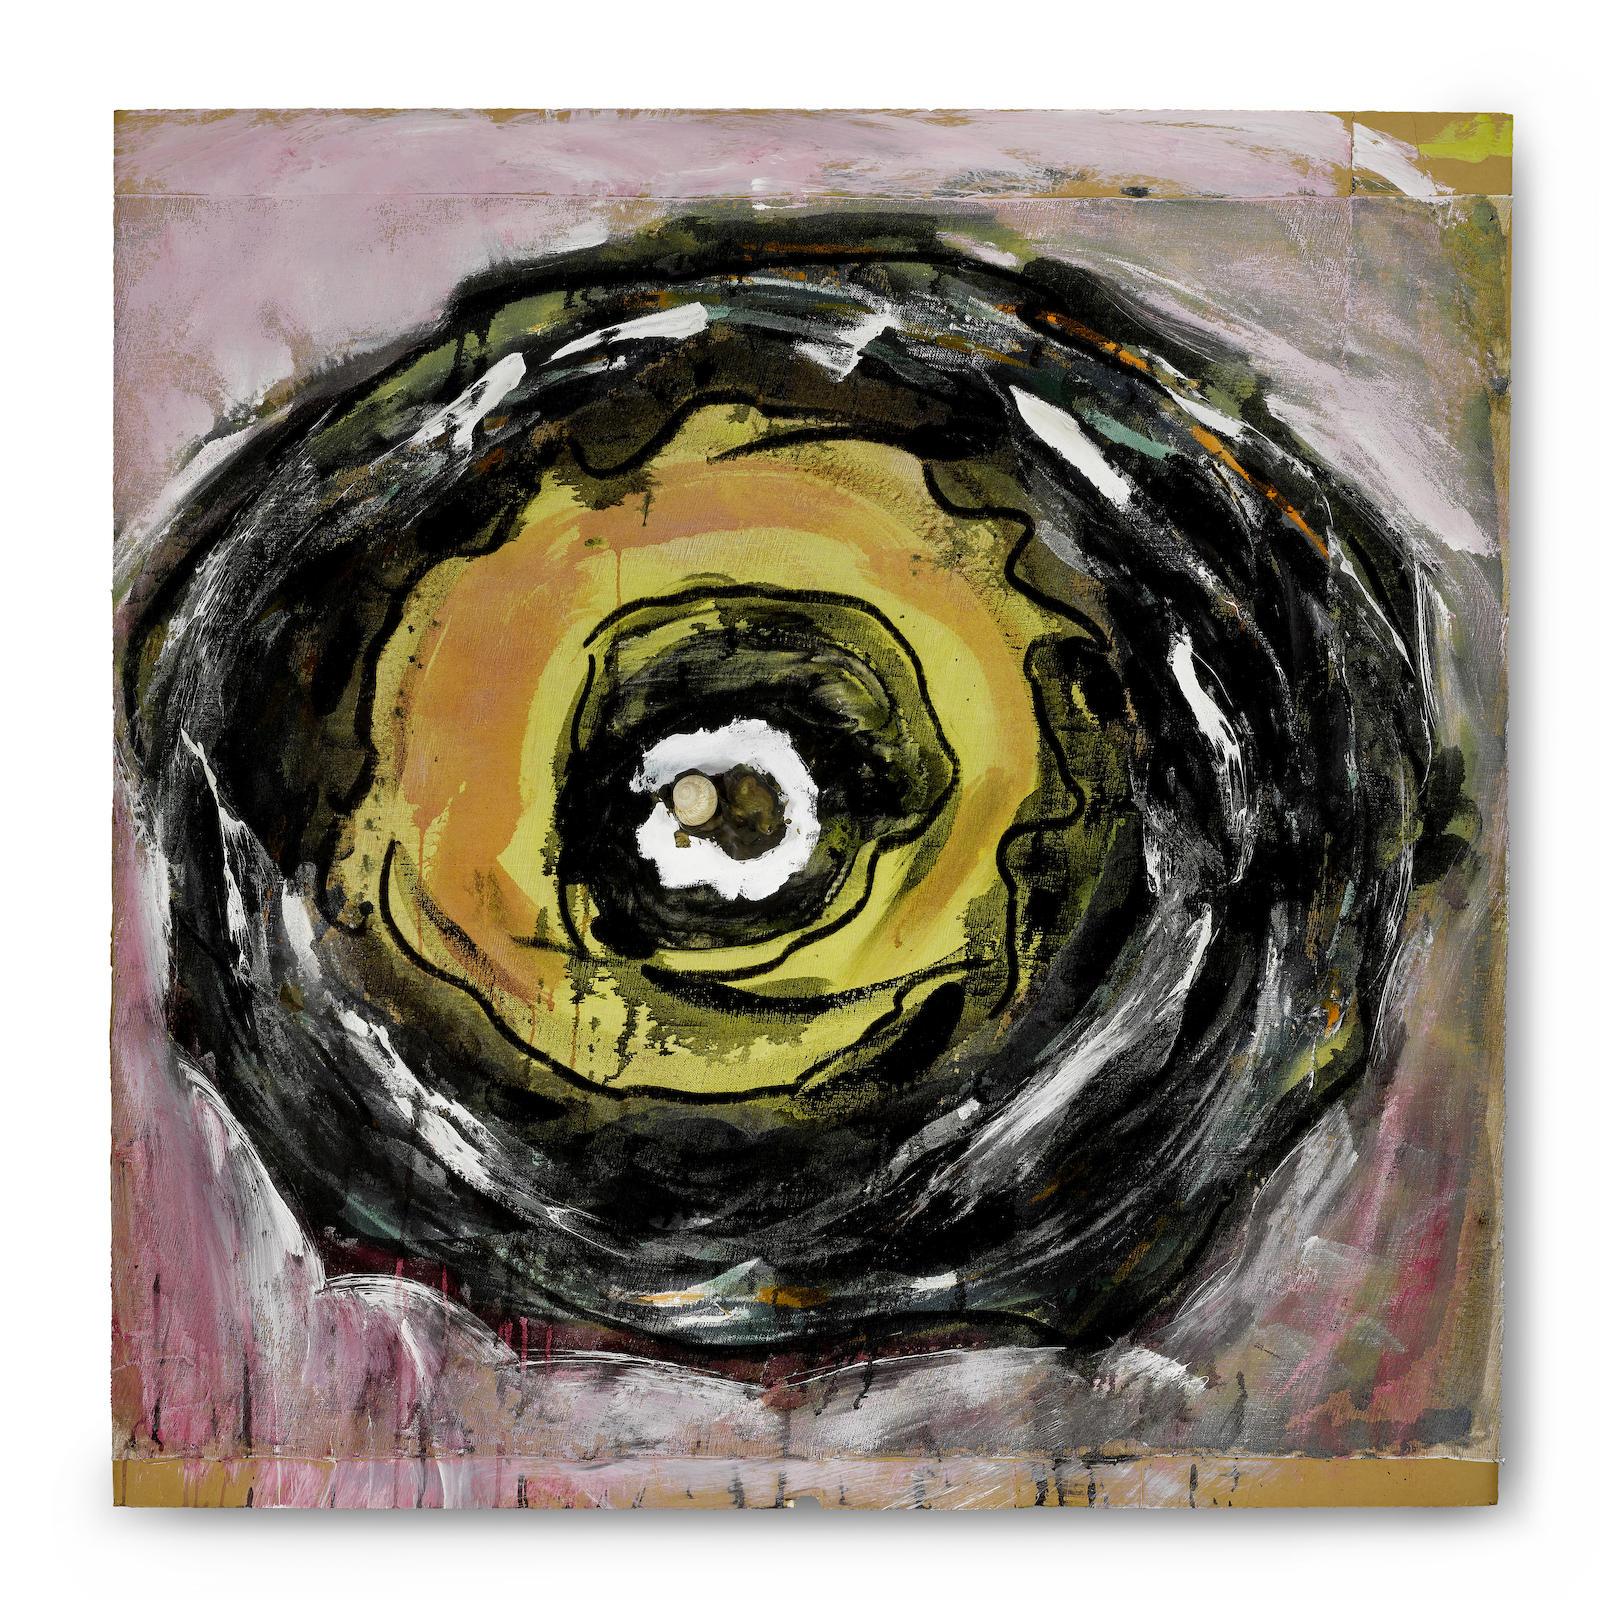 Mario Merz-Untitled-1982